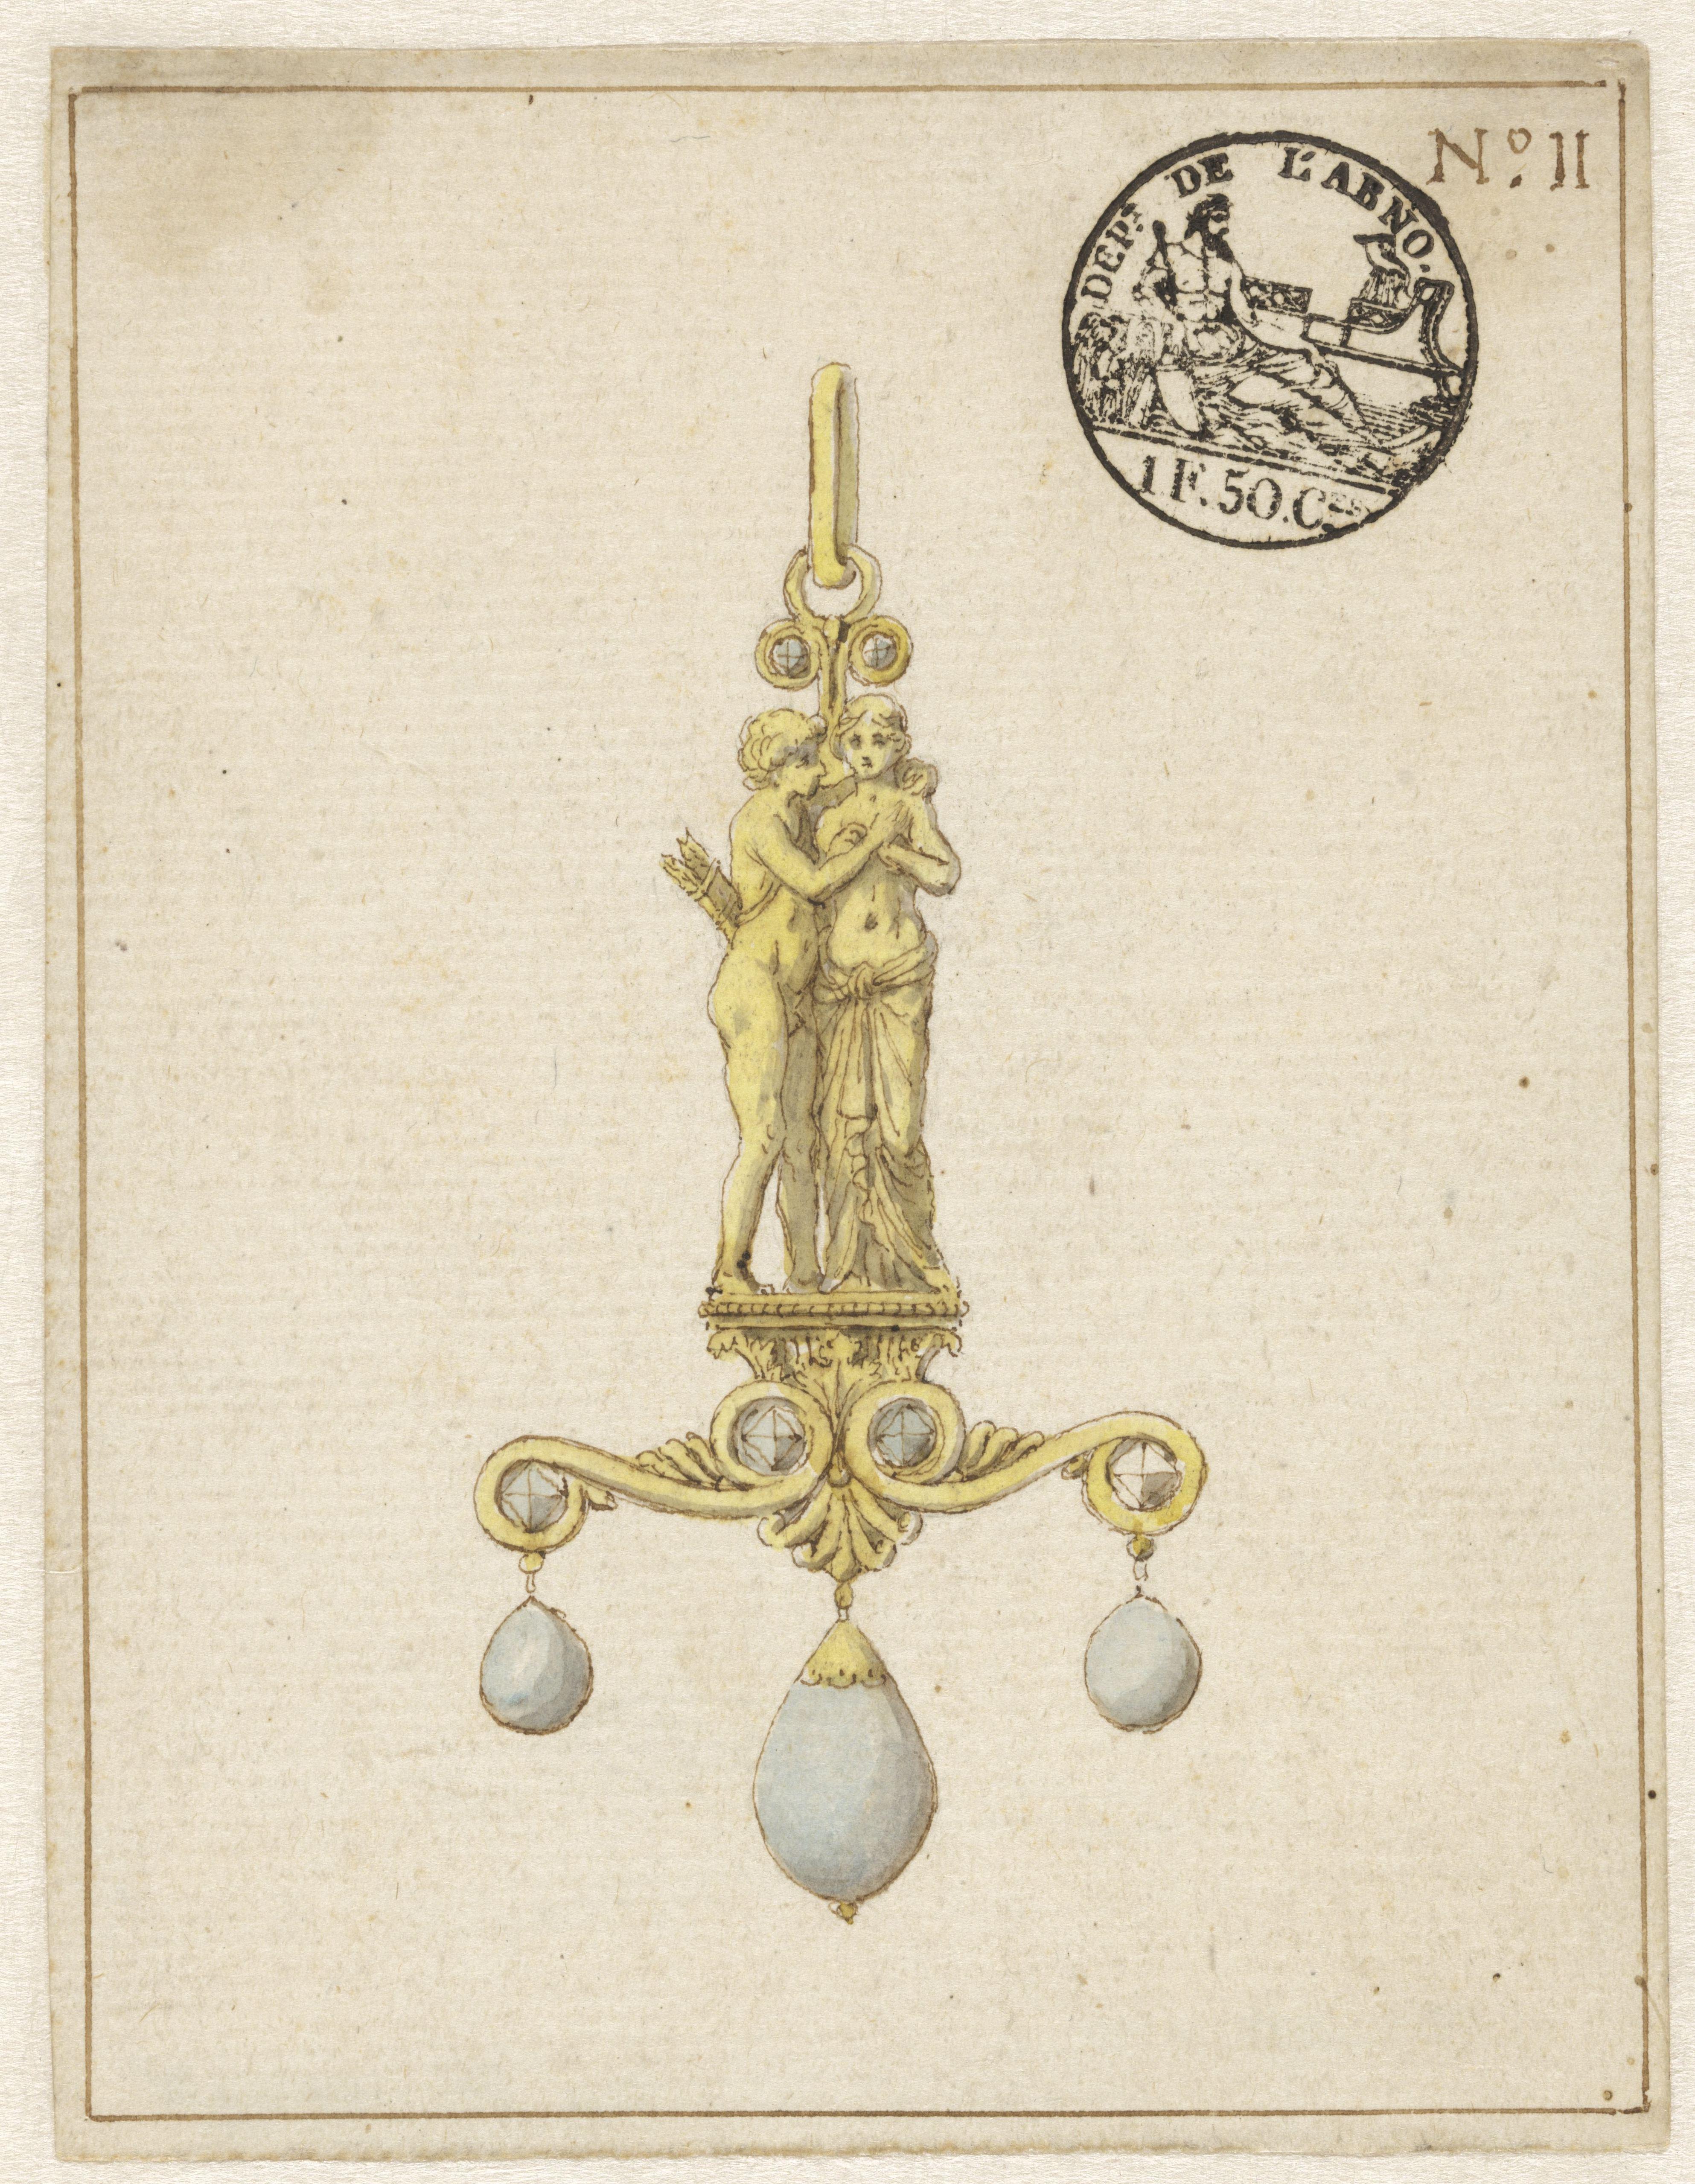 Tekening met ontwerp voor een hanger, circa 1810. Collectie Rijksmuseum, RP-T-2016-2-10, publiek domein (CC0 1.0)